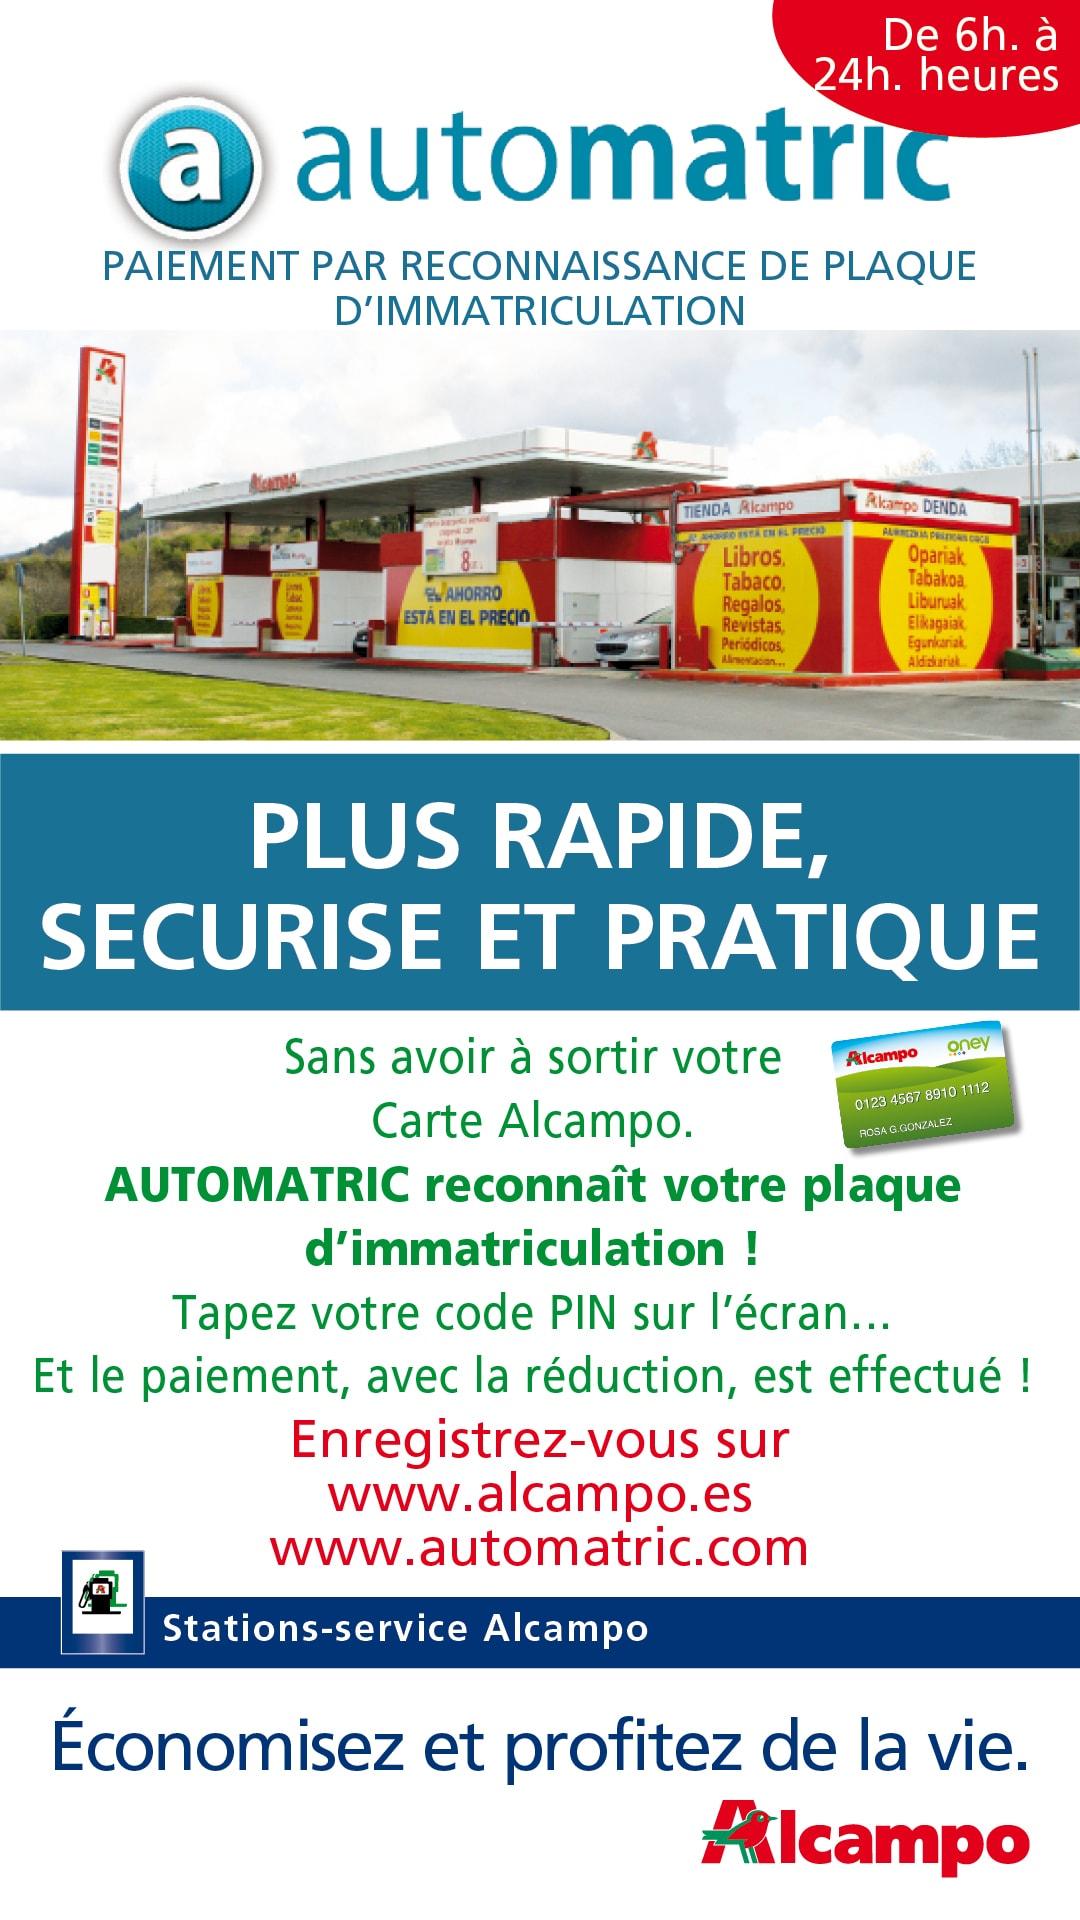 Automatric Gasolinera Alcampo